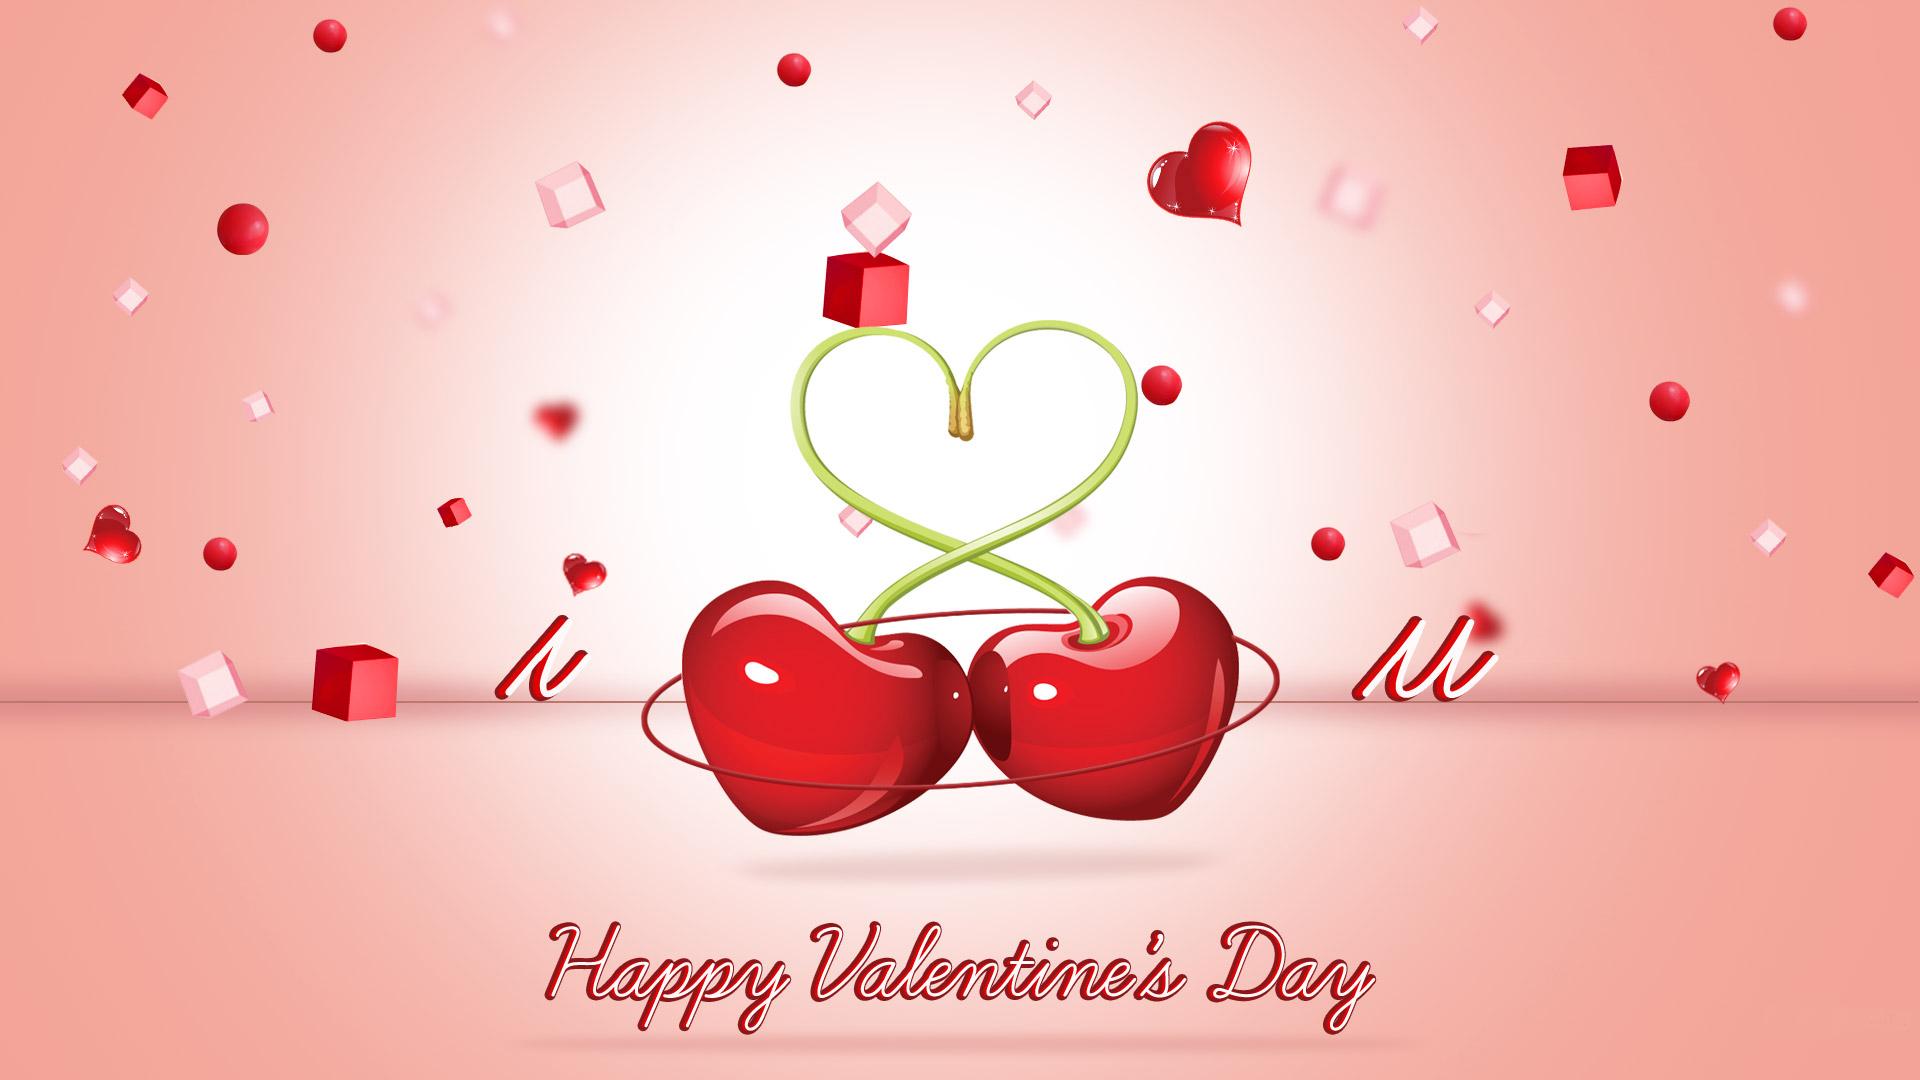 Hình ảnh chúc mừng valentine đẹp nhất